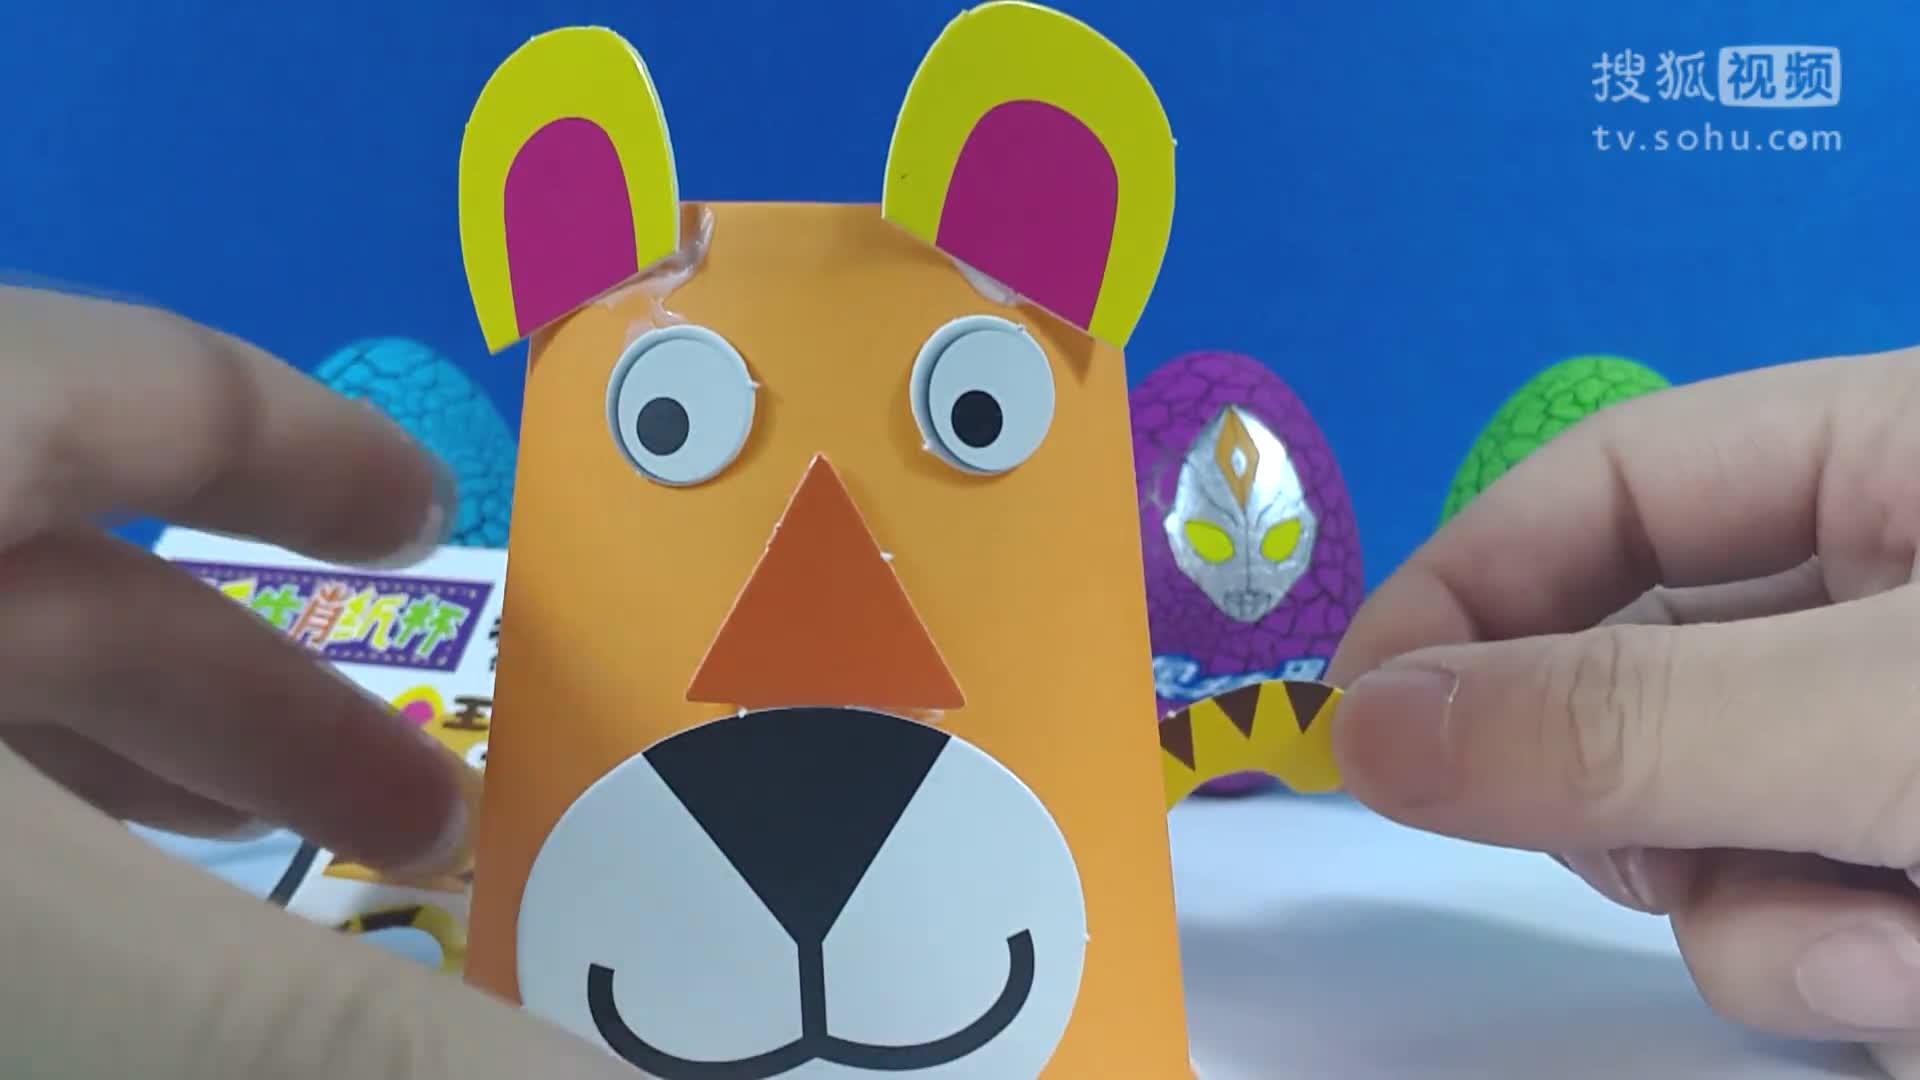 小老虎纸杯玩具 益智拼图